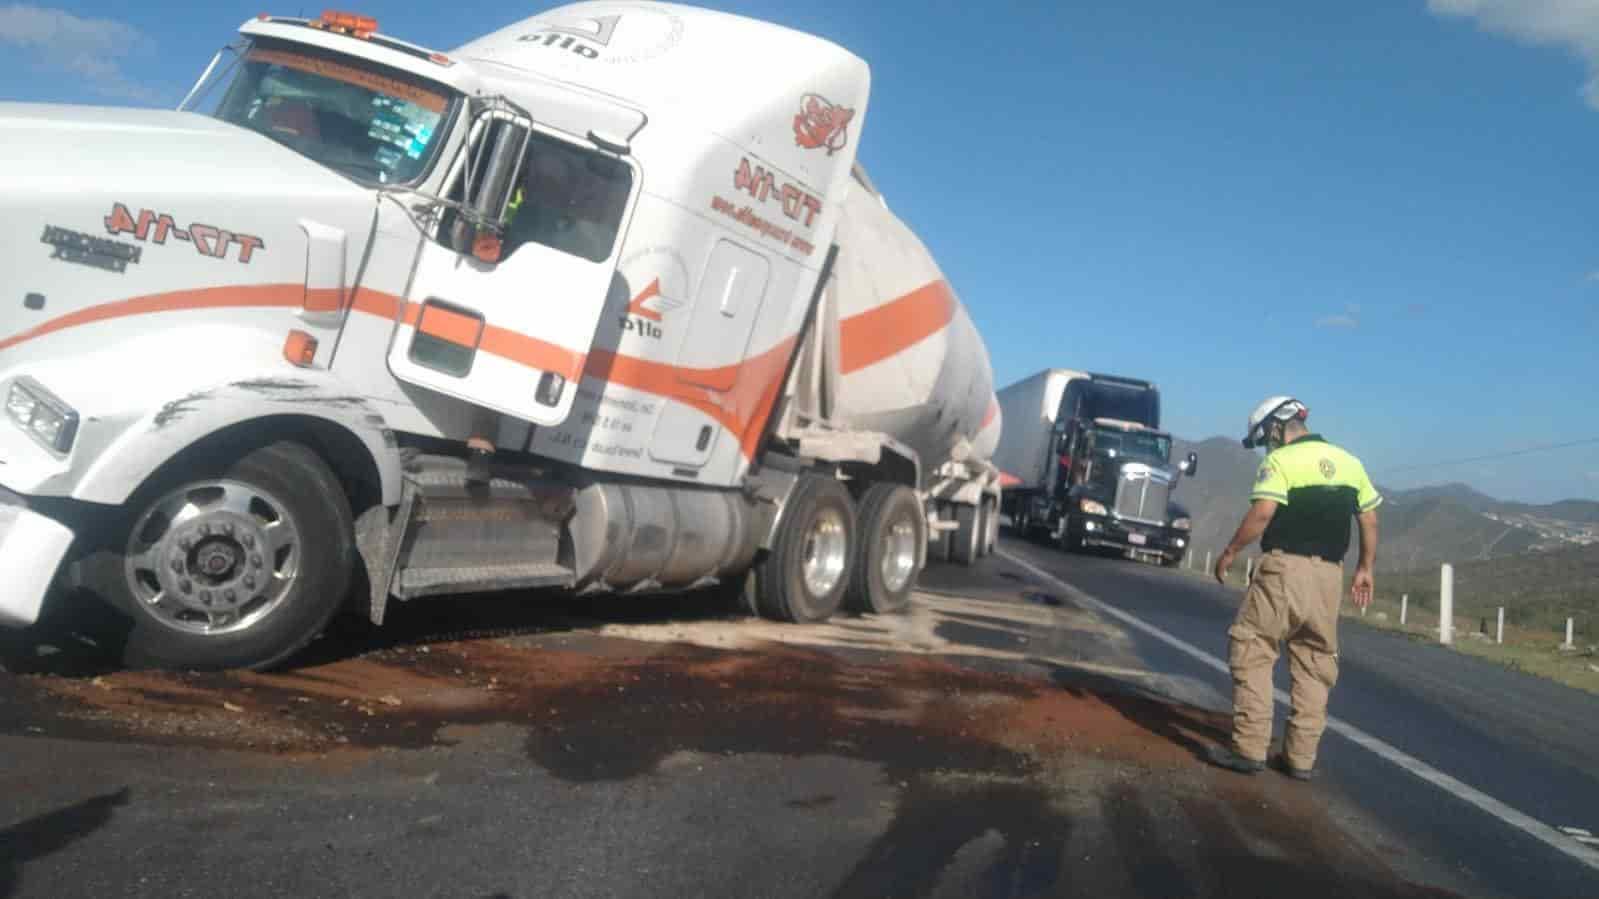 El choque entre los tractocamiones fue reportado a las 17:40 horas sobre la Carretera libre Monterrey-Saltillo